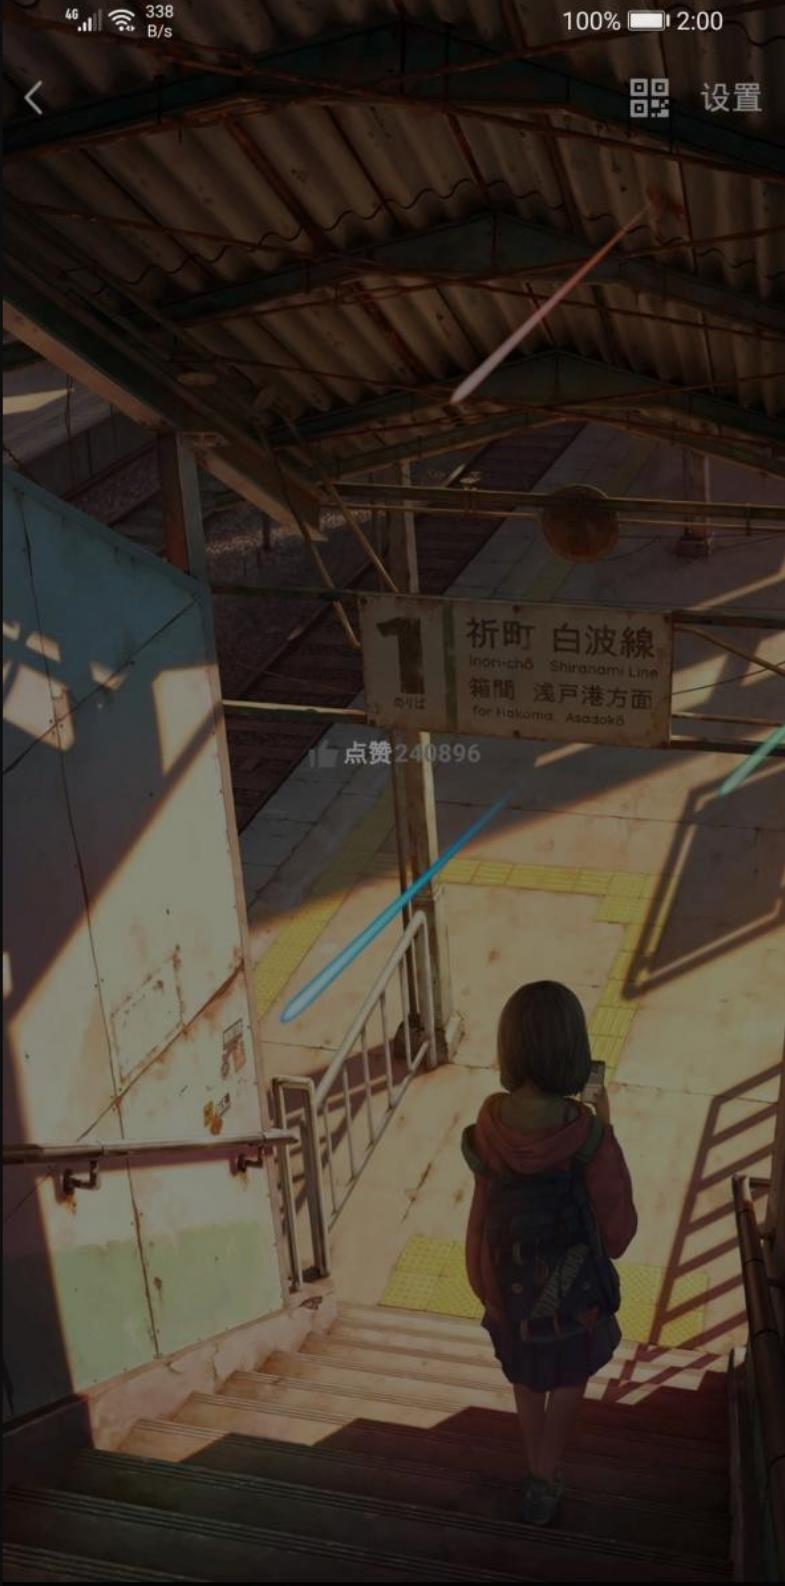 QQ名片DIY自定义视频全屏点赞代码